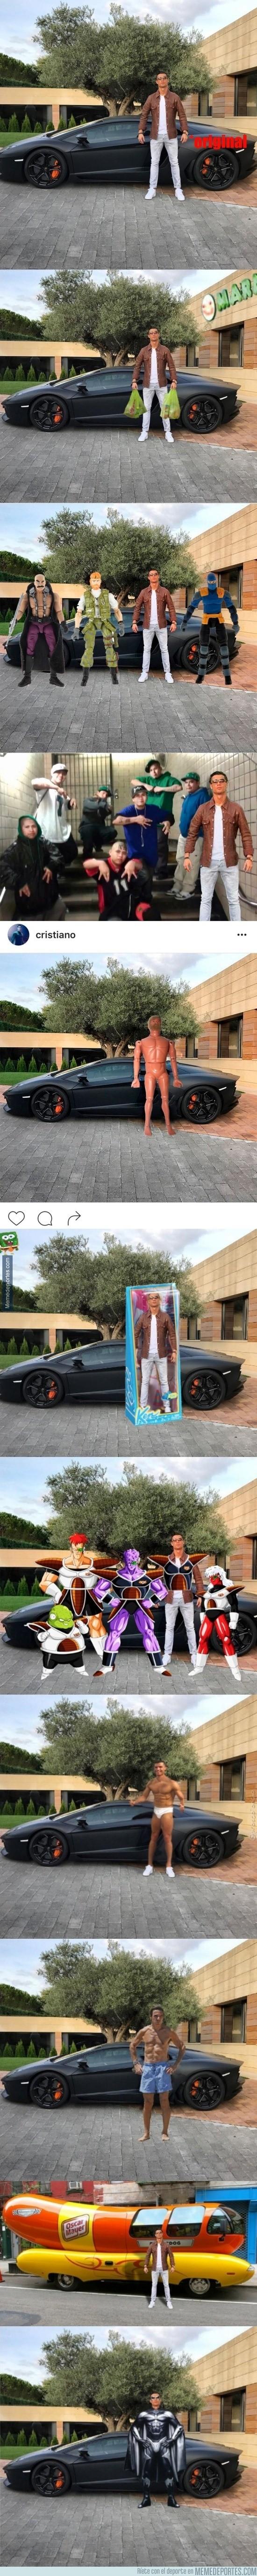 916936 - Esta foto de Cristiano Ronaldo posando con su coche ha desatado la locura en Internet